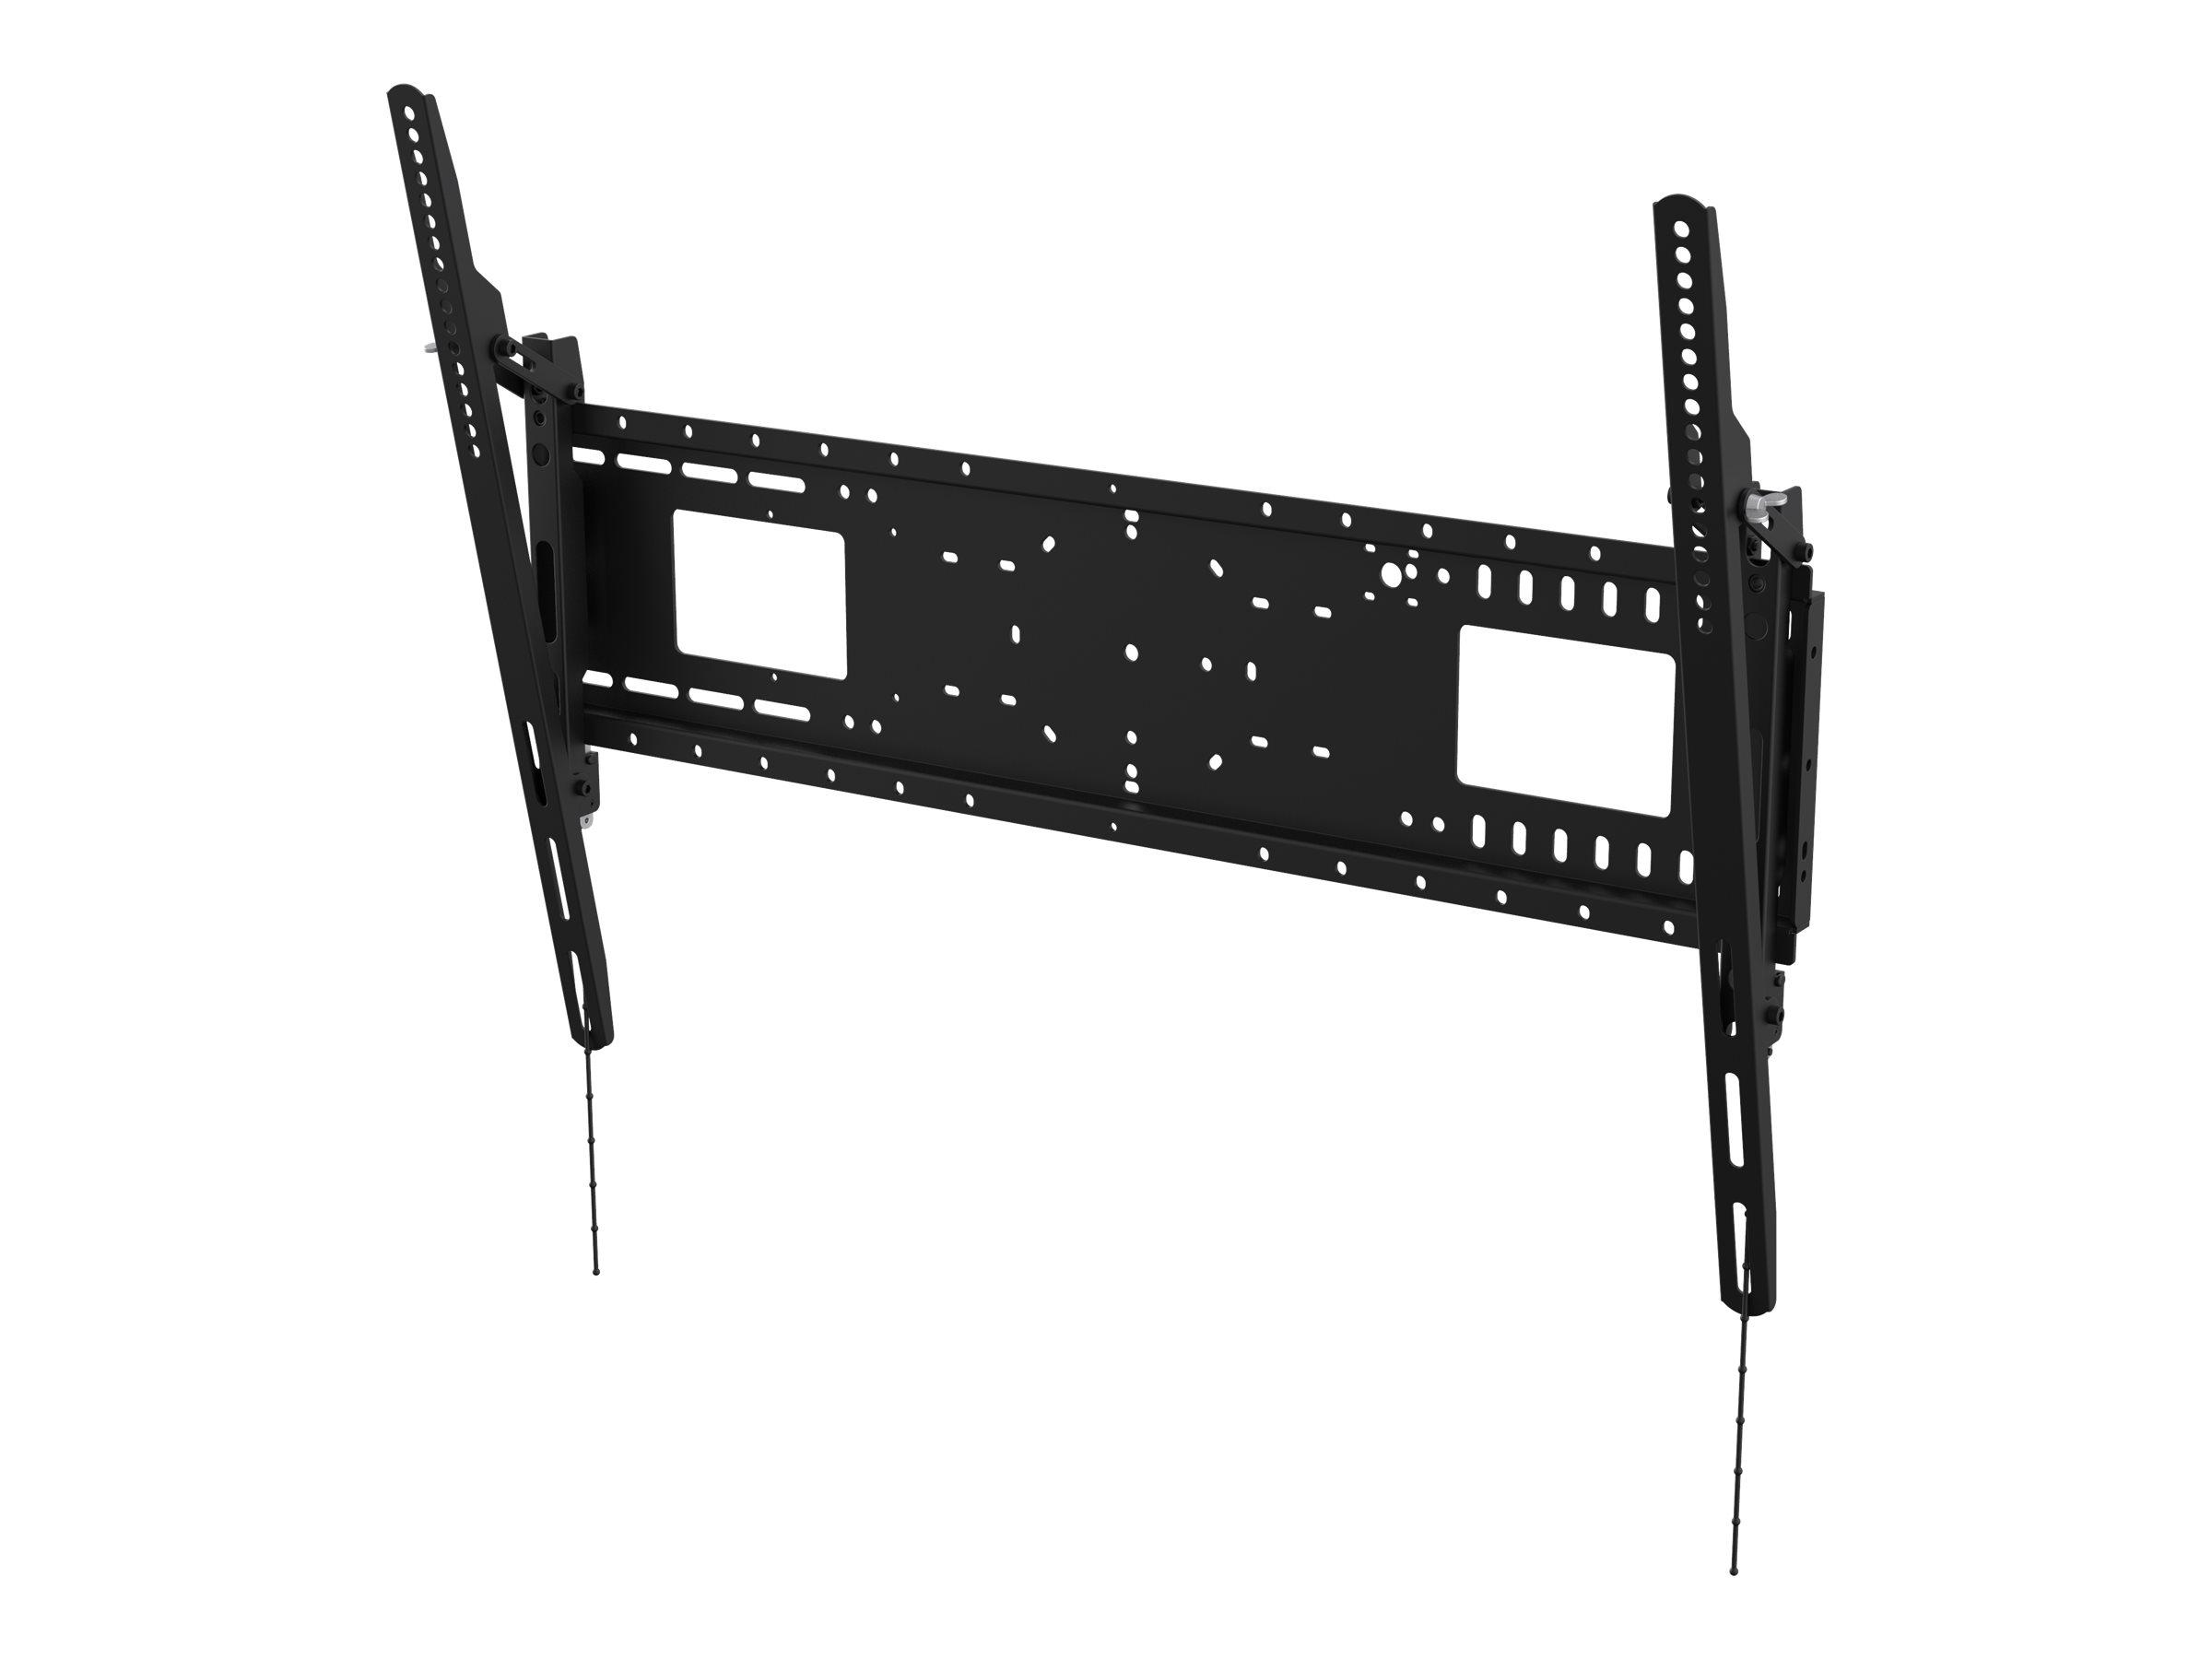 Vision VFM-W8X6T - Heavy Duty - Wandhalterung für Media Player / LCD-Display (neigen) - kaltgewalzter Stahl - Schwarz - Bildschi